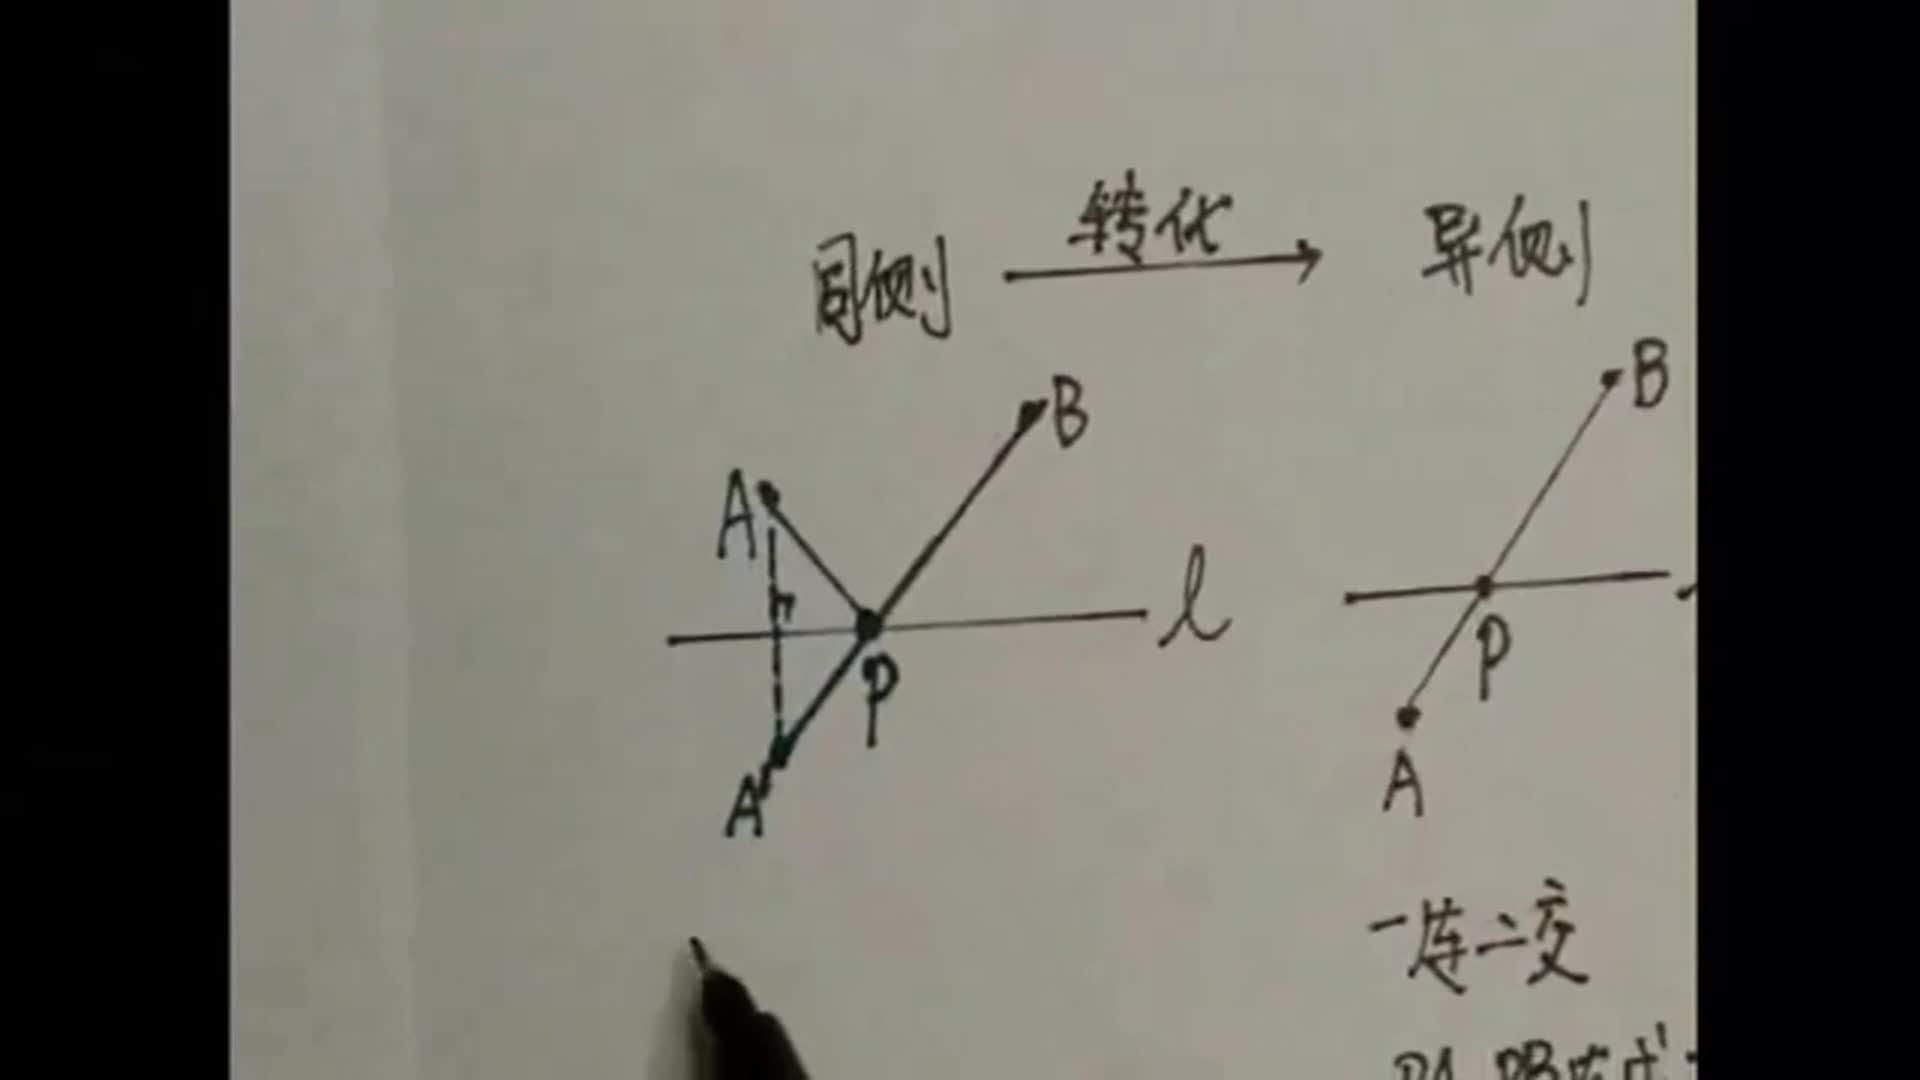 北师大版 七年级数学下册 第五章-生活中的轴对称-5.4两线段和最短问题(2)-视频微课堂 北师大版 七年级数学下册 第五章-生活中的轴对称-5.4两线段和最短问题(2)-视频微课堂 北师大版 七年级数学下册 第五章-生活中的轴对称-5.4两线段和最短问题(2)-视频微课堂 [来自e网通客户端]